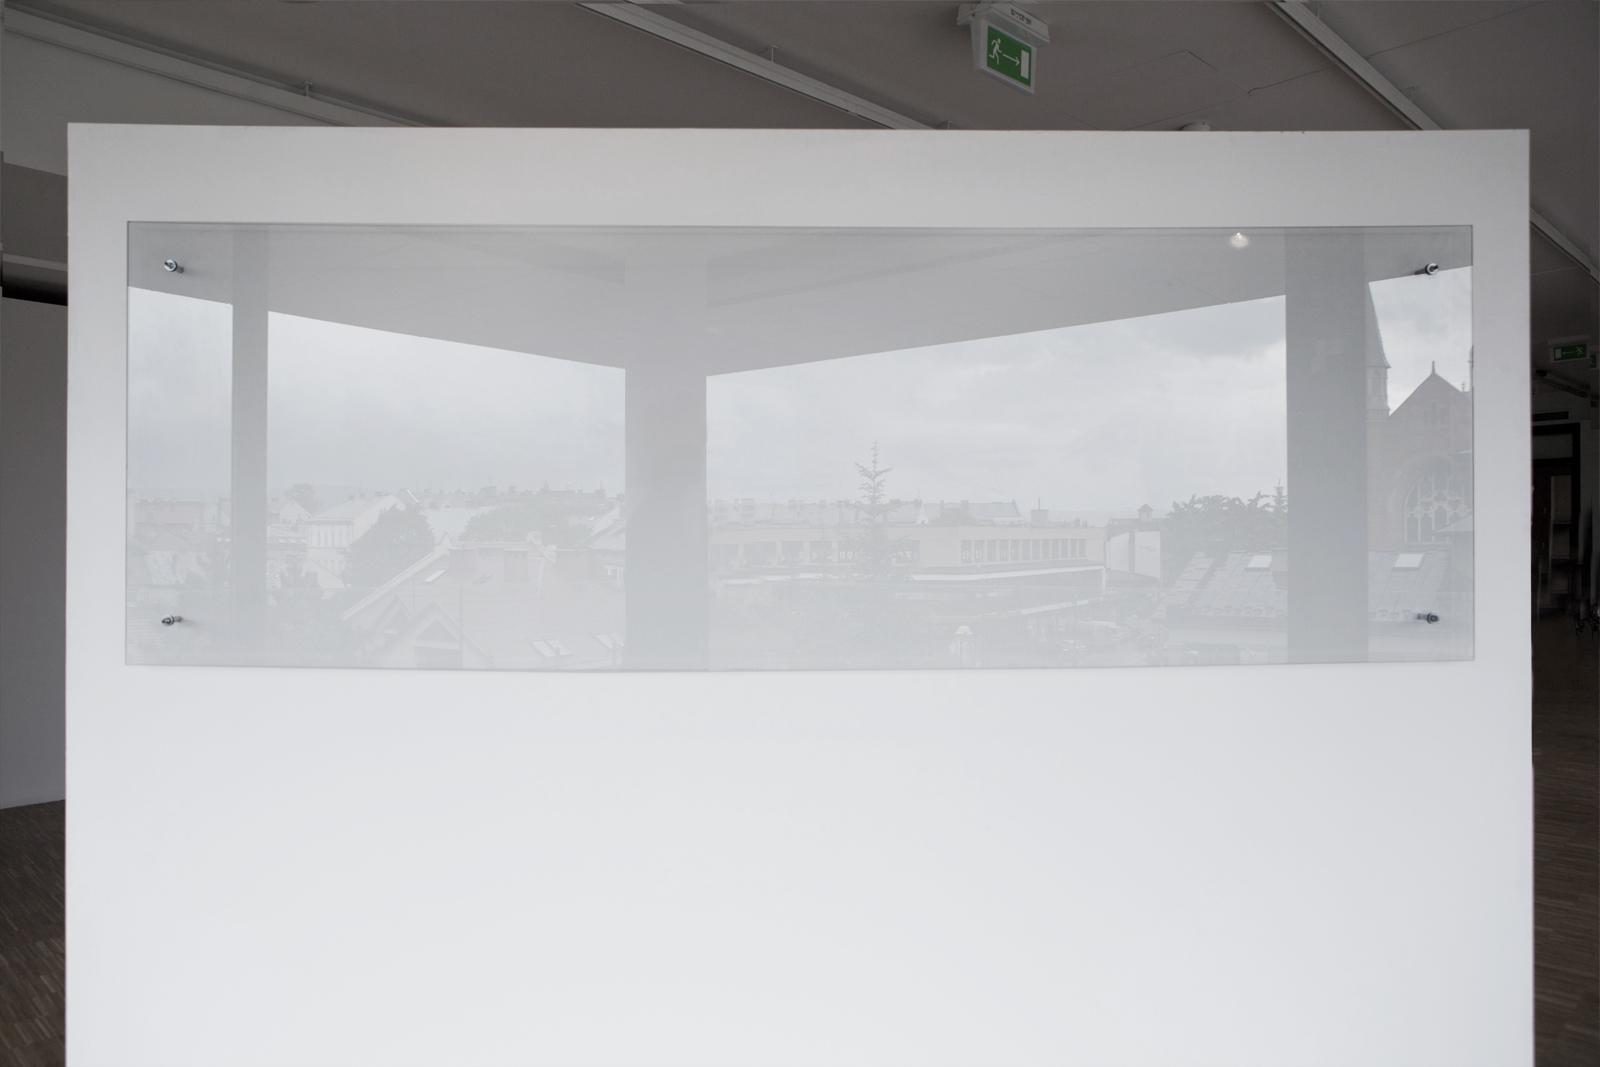 Łukasz Trzciński, Panorama, 2014, instalacja, fot.J. Kołodziejski